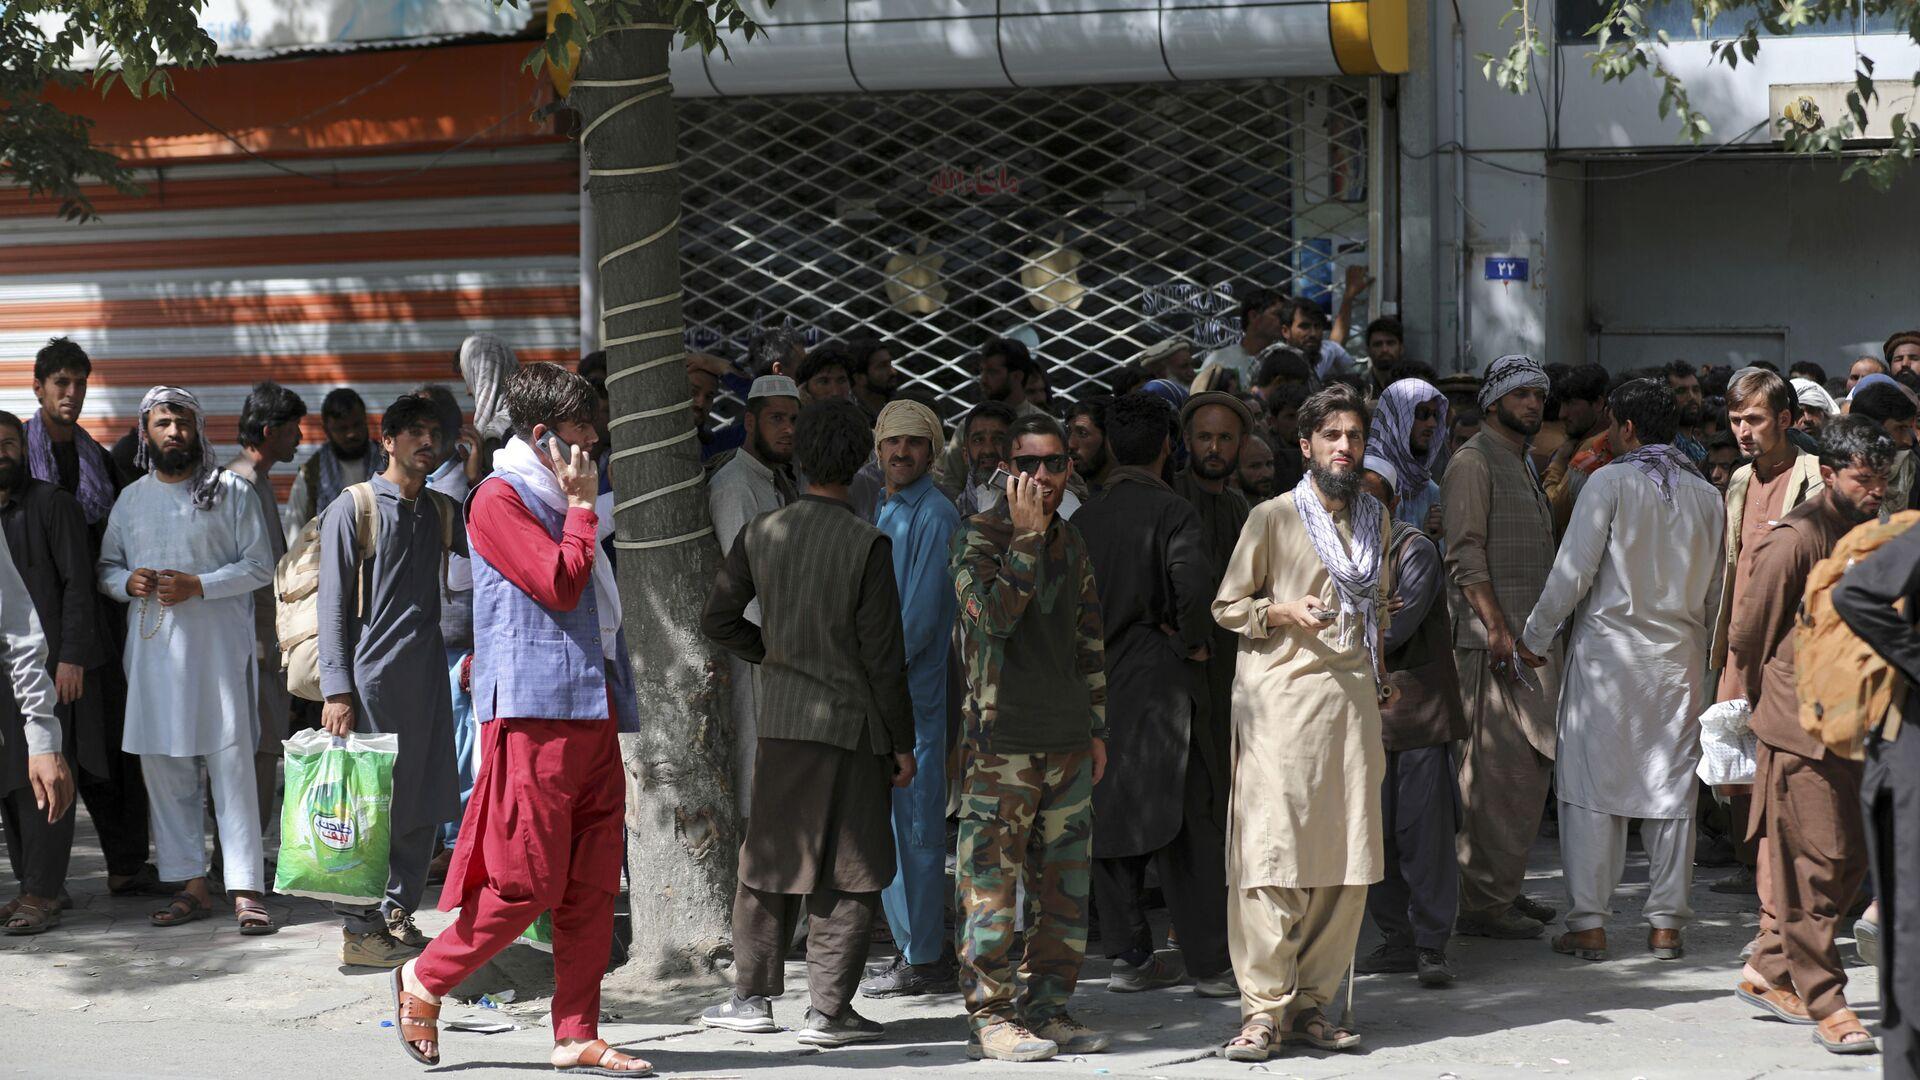 Афганцы в очереди в банк в Кабуле  - Sputnik Mundo, 1920, 17.08.2021